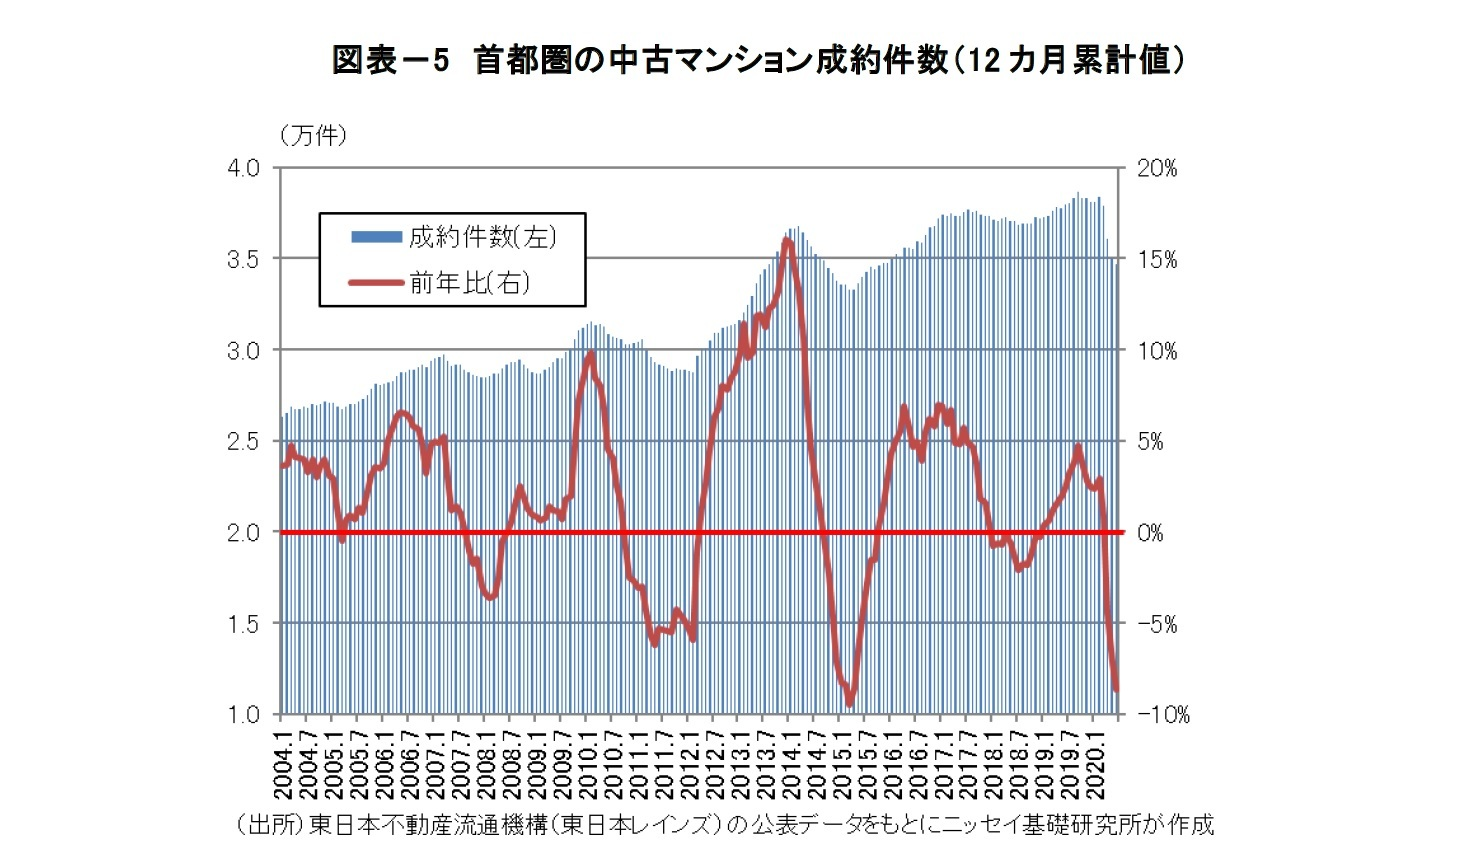 図表-5 首都圏の中古マンション成約件数(12 カ月累計値)